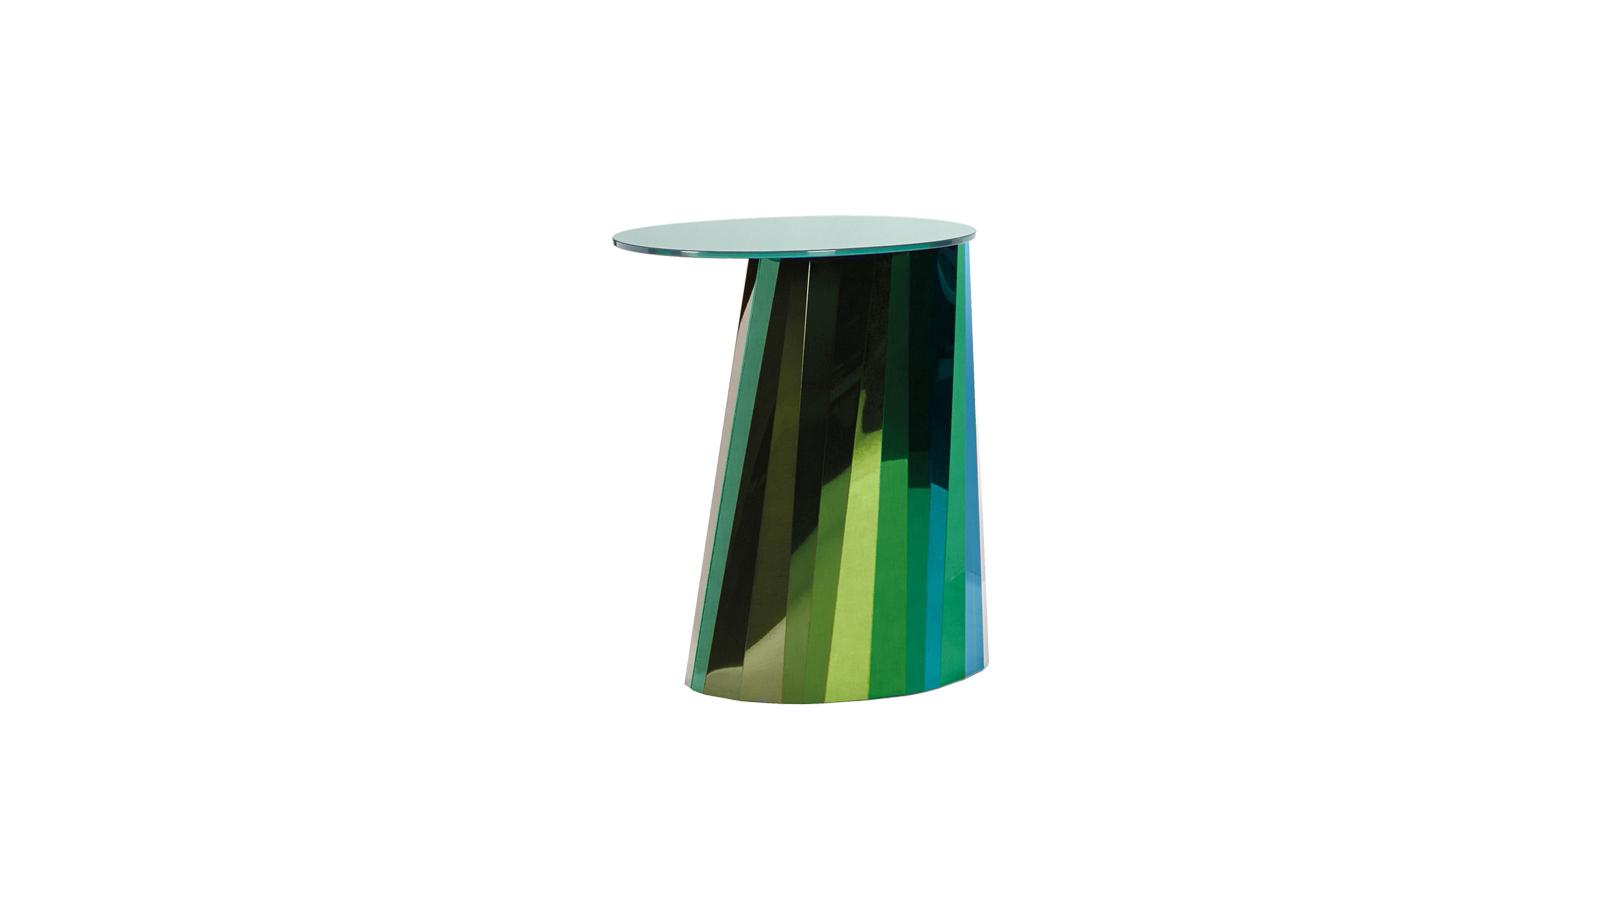 Akár egy kristály vagy egy gyémánt felülete, úgy szórja szét a térben a fényt a Pli felülete. Az asszimmetrikus asztalka lábszerkezetét számos, egyazon szín négy árnyalatából álló elem alkotja, mely szokatlanul látványos ragyogást eredményez. A Pli két magasságban, több színben kapható.